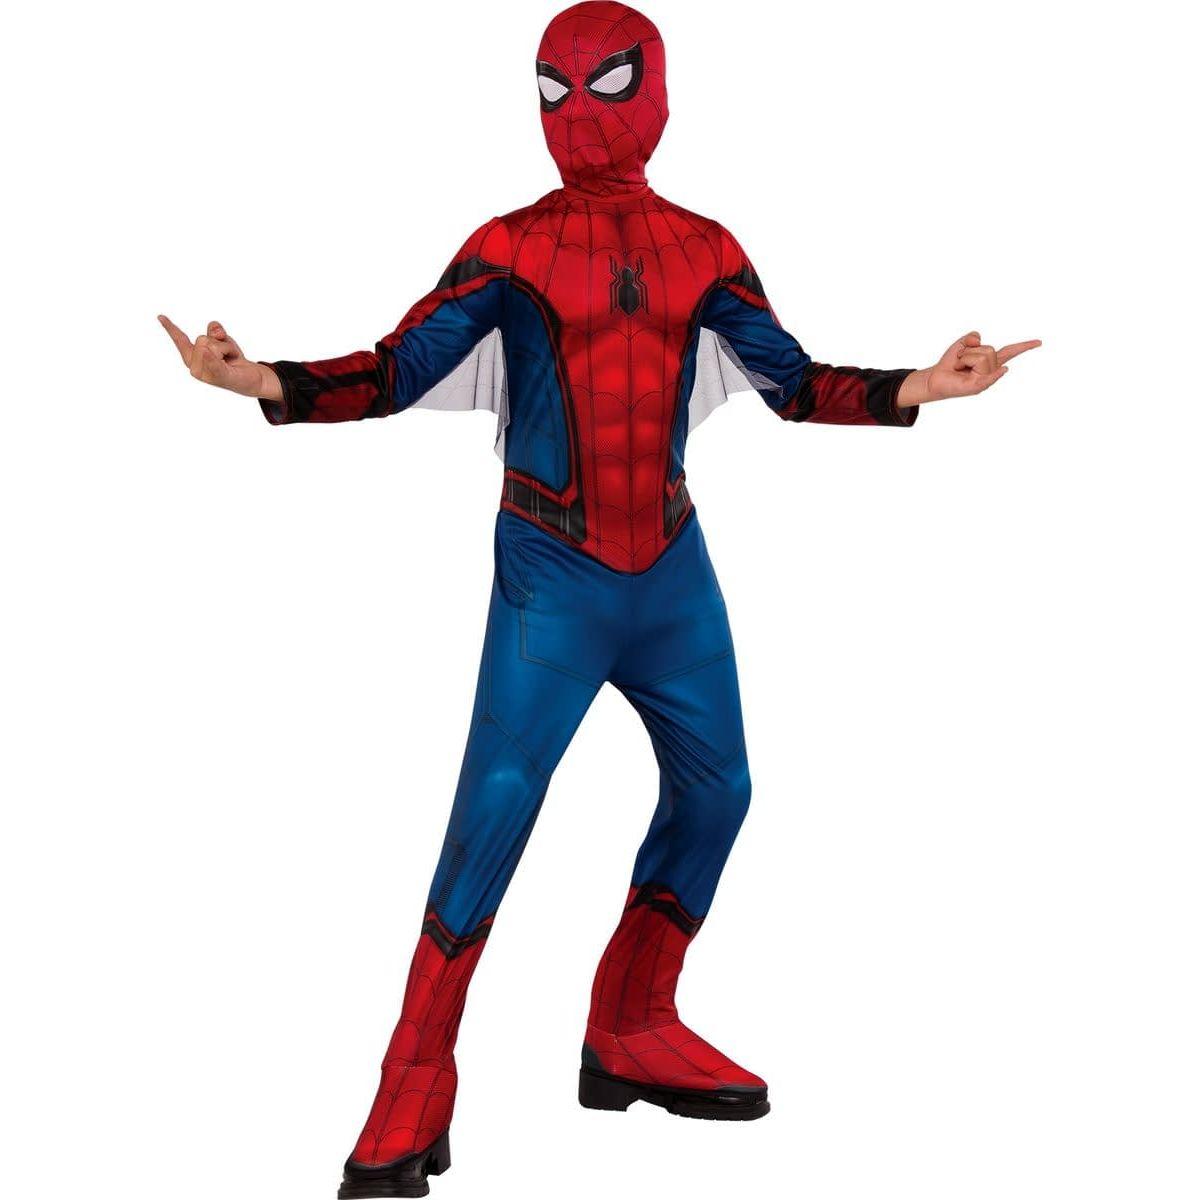 аиу человек в латексном костюме